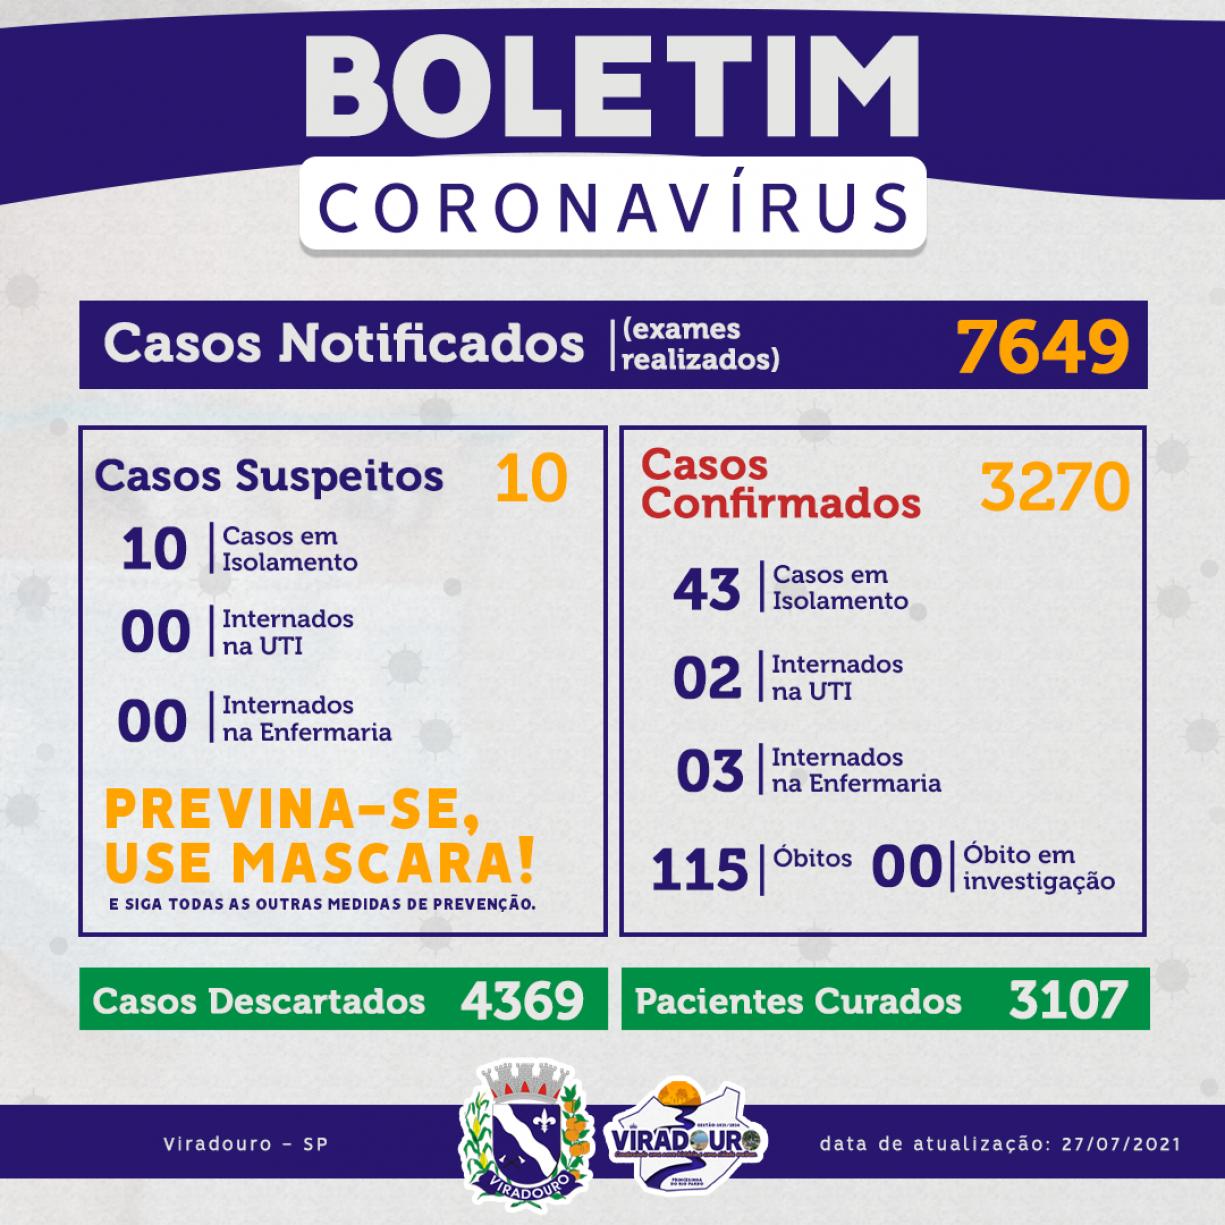 CORONAVÍRUS: BOLETIM EPIDEMIOLÓGICO (ATUALIZAÇÃO 27/07/2021)